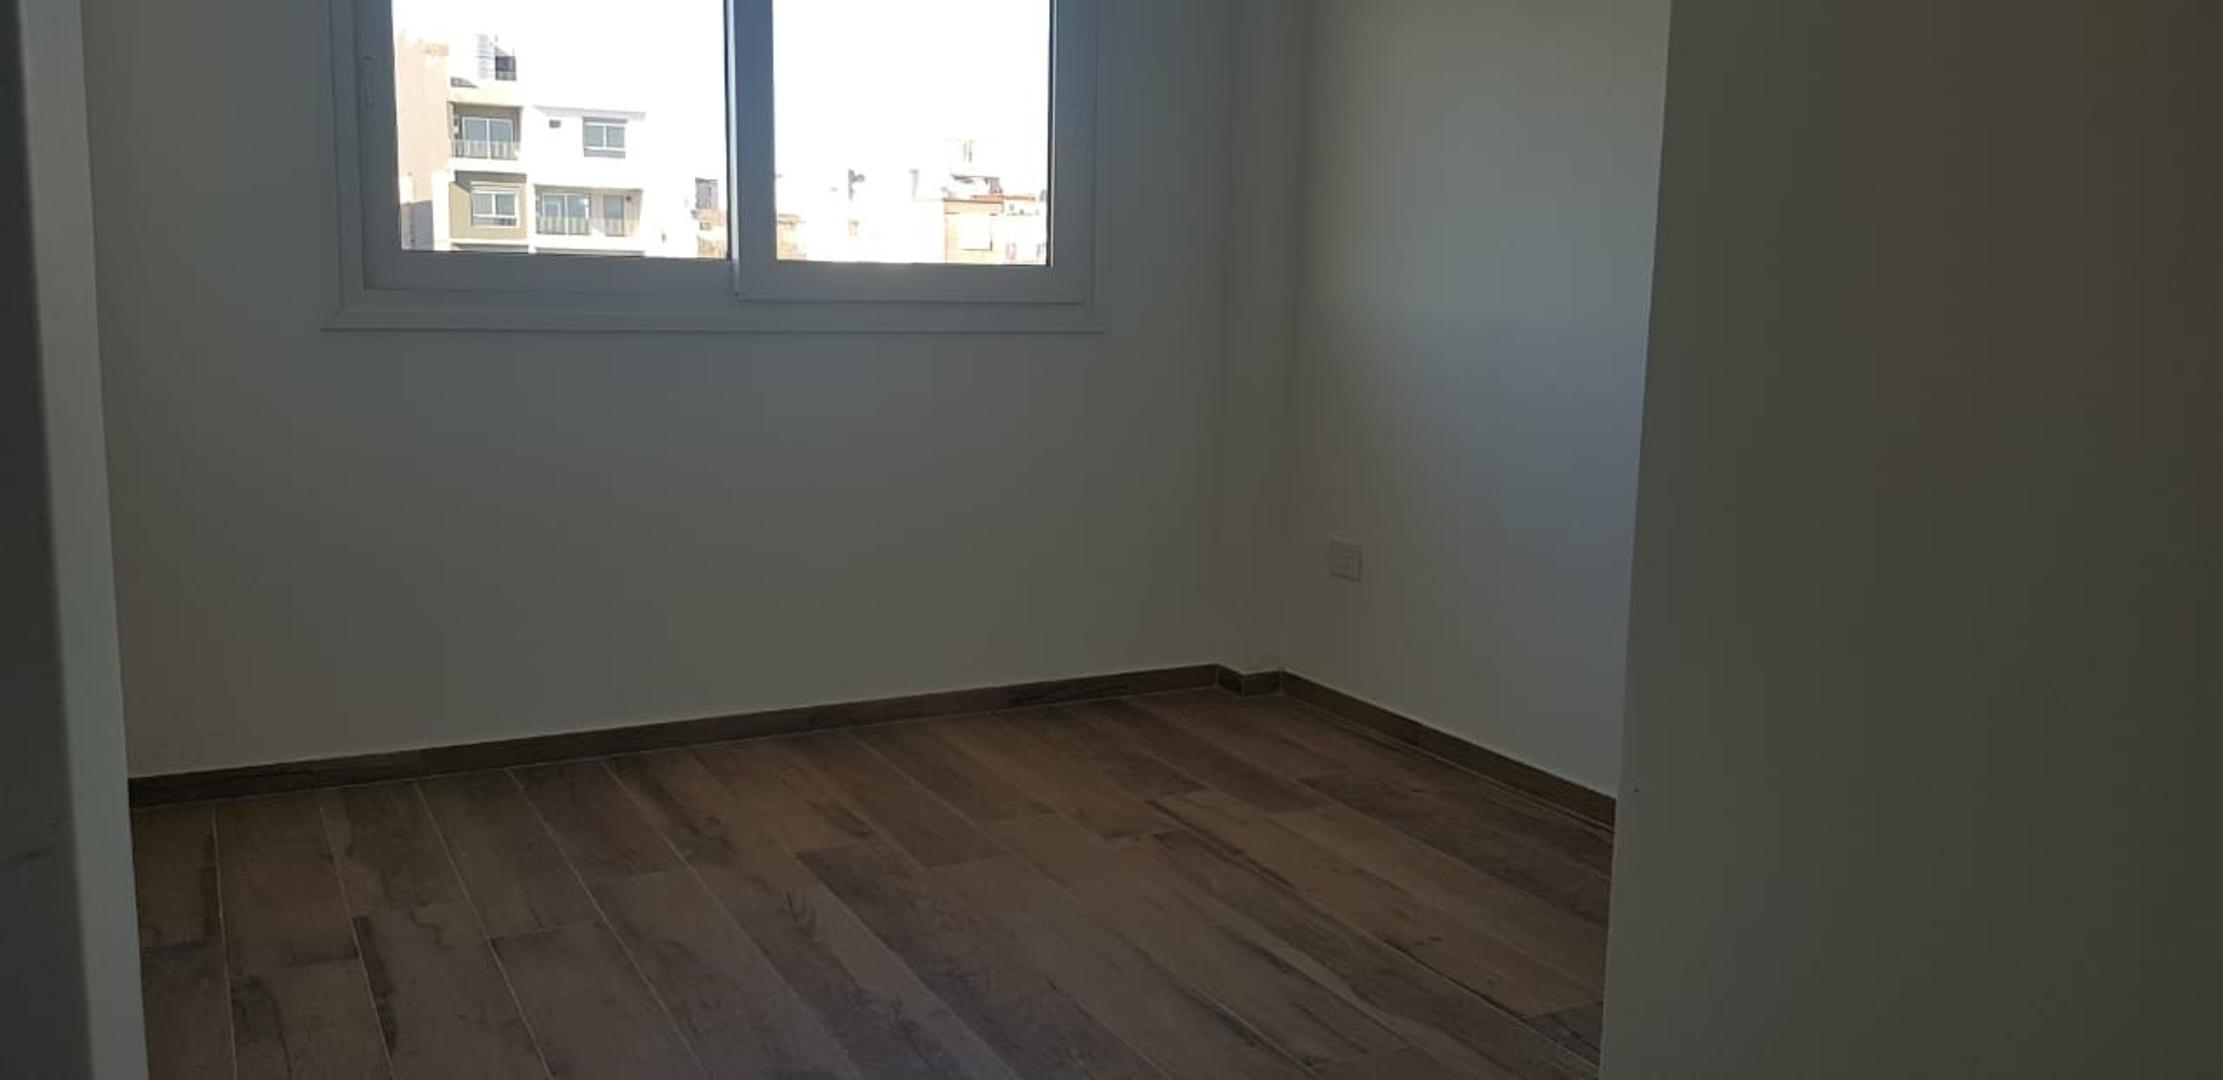 G De Helguera 1400, Piso 7 - 2 ambientes